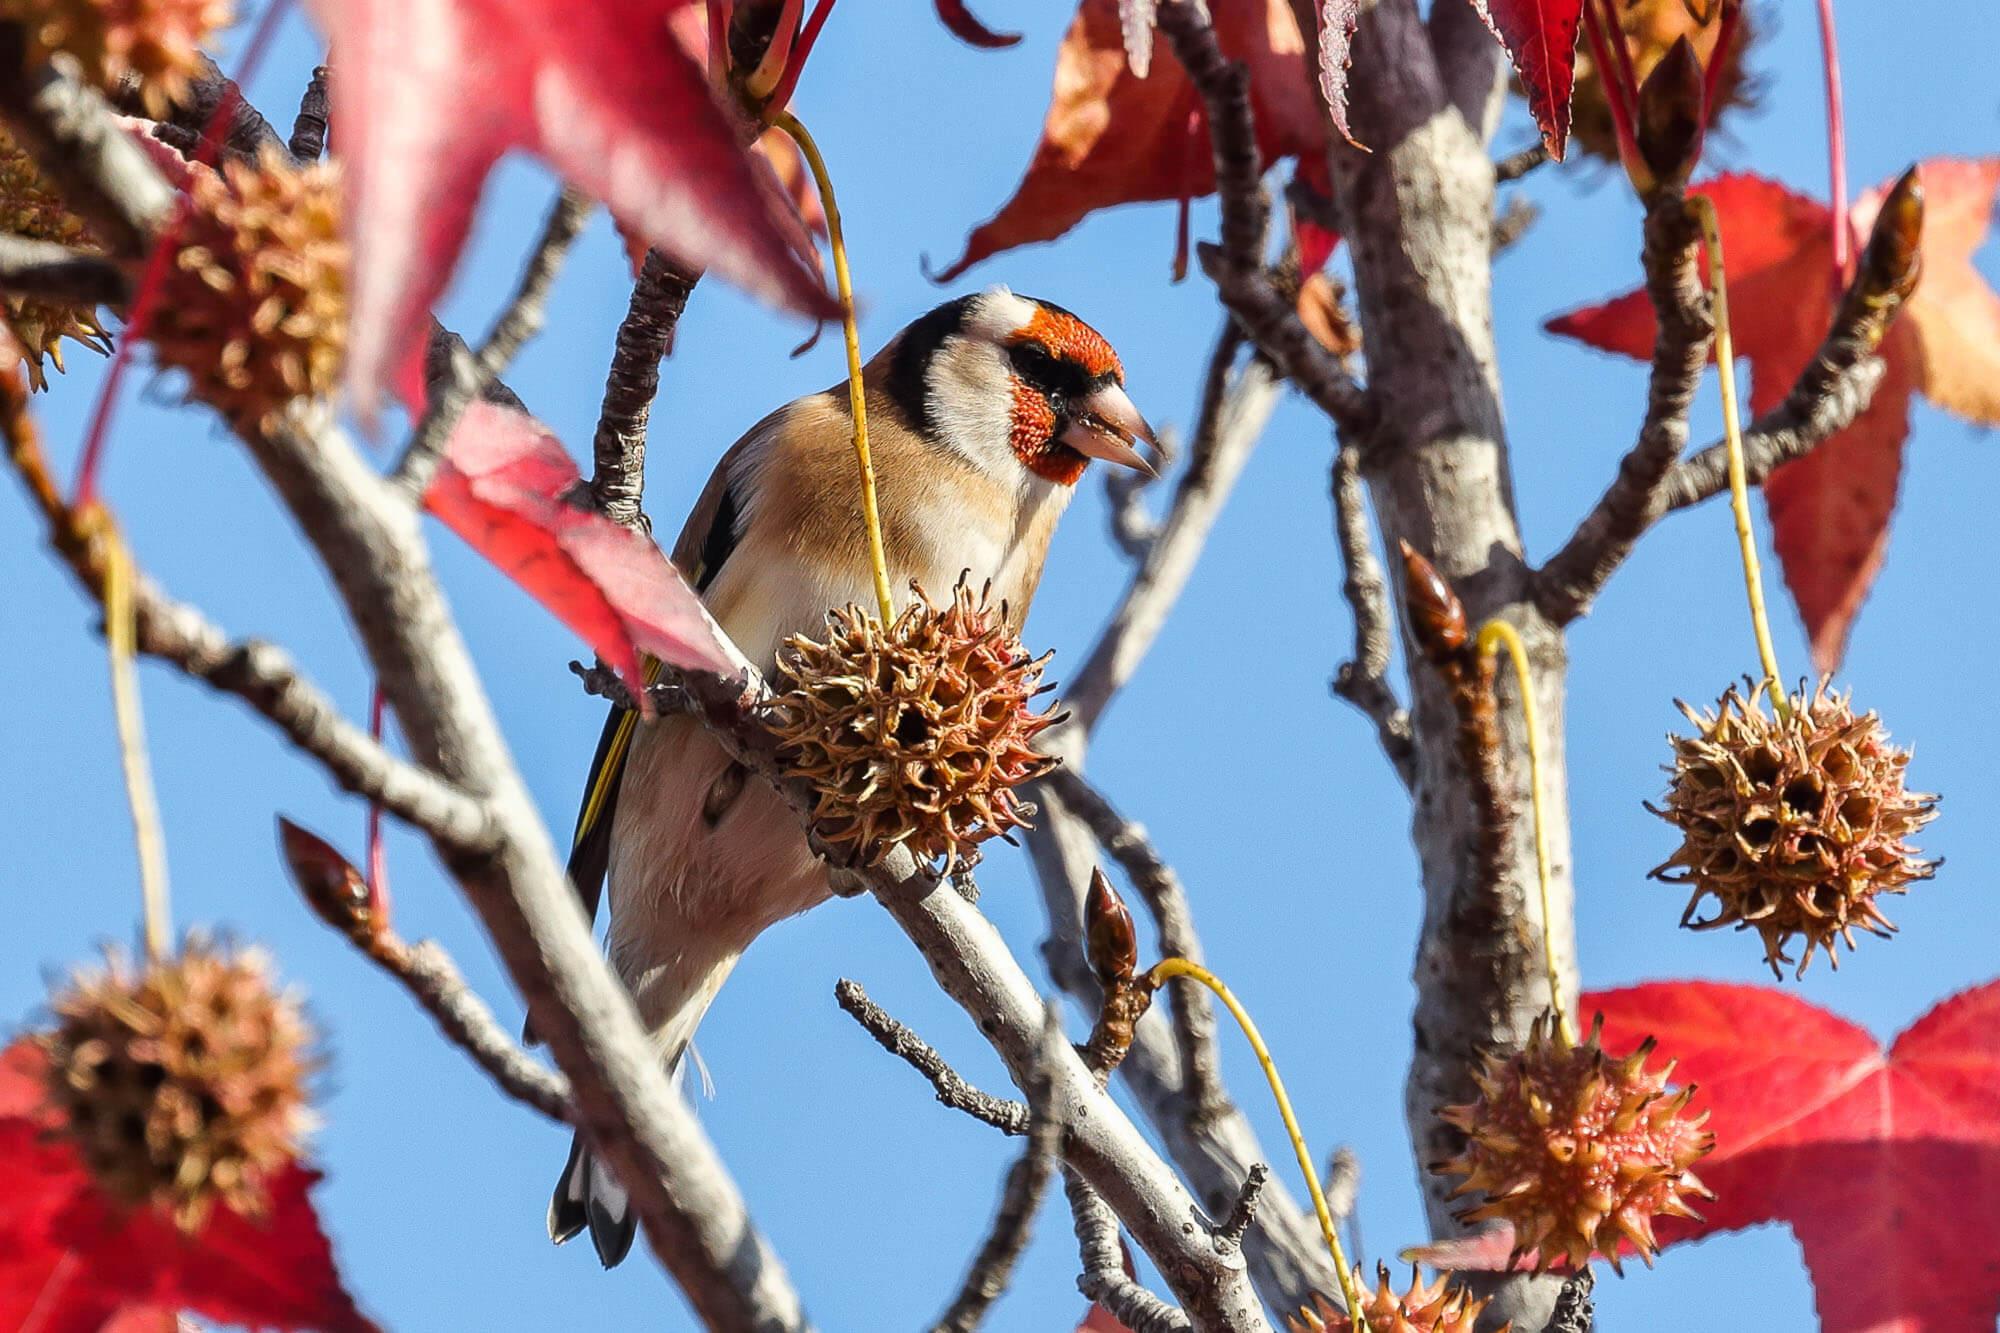 Перелетные и местные птицы в Сочи стали объектами для бердвотчинга